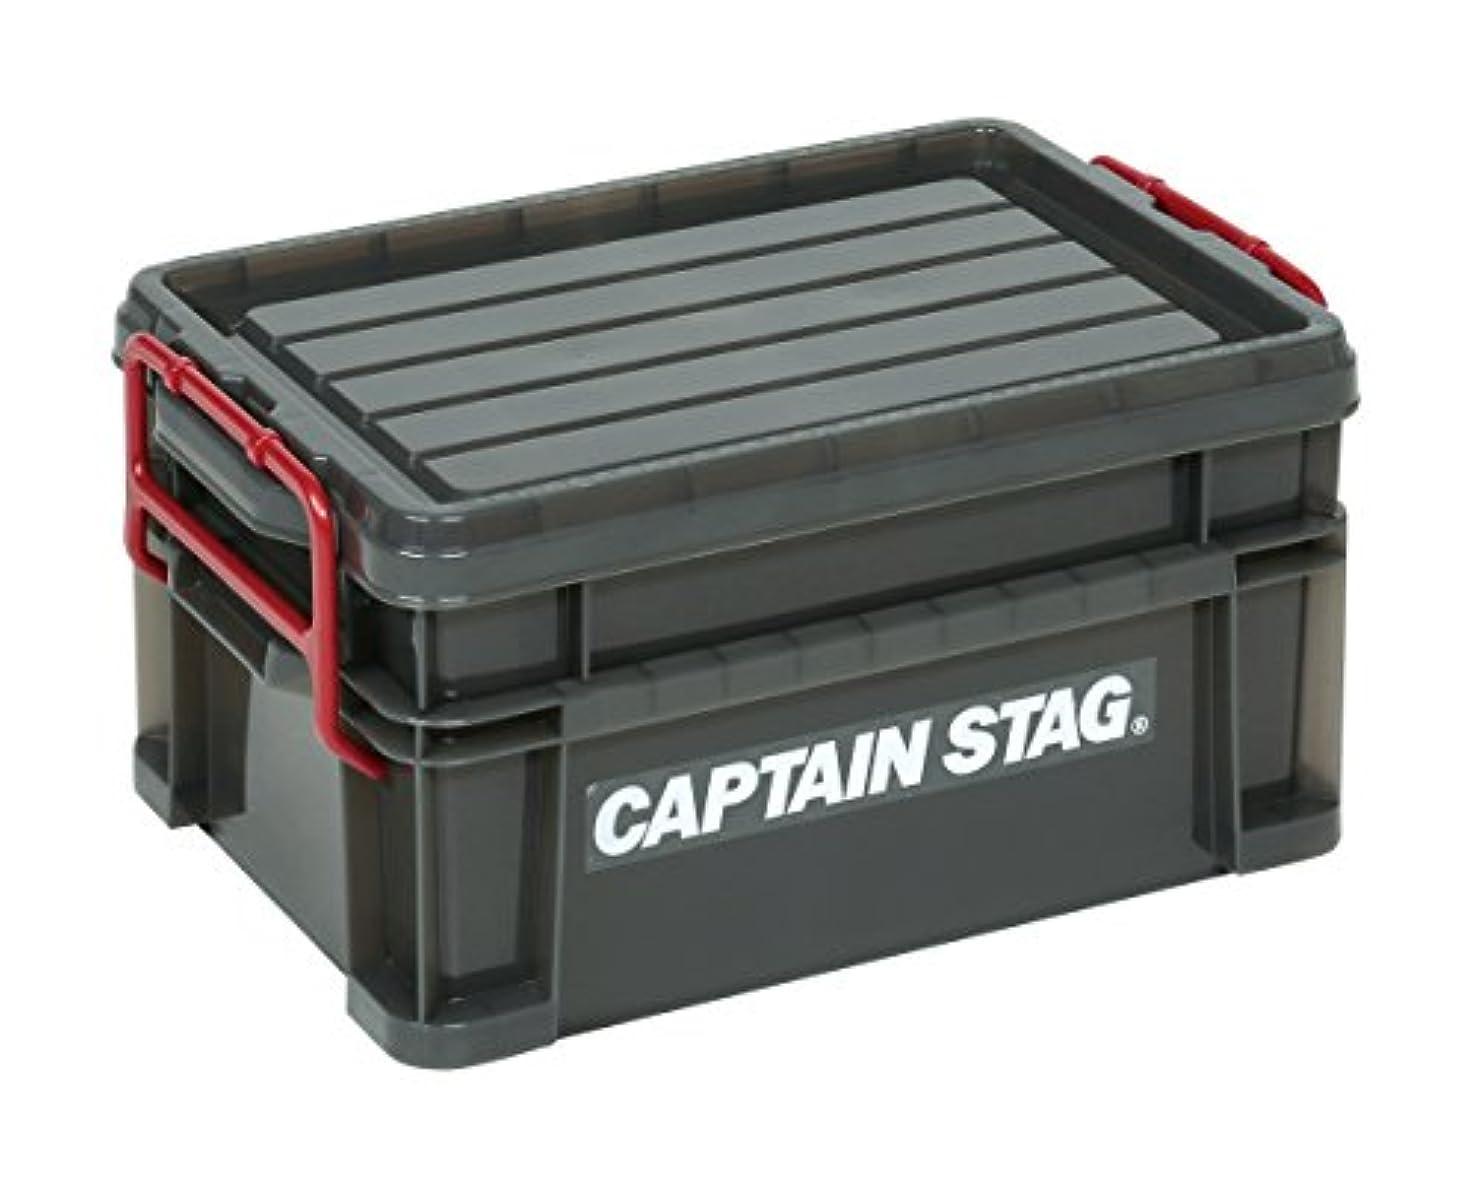 欺くグローブ不測の事態キャプテンスタッグ(CAPTAIN STAG) 工具箱 アウトドア ツールボックス 2段式 日本製